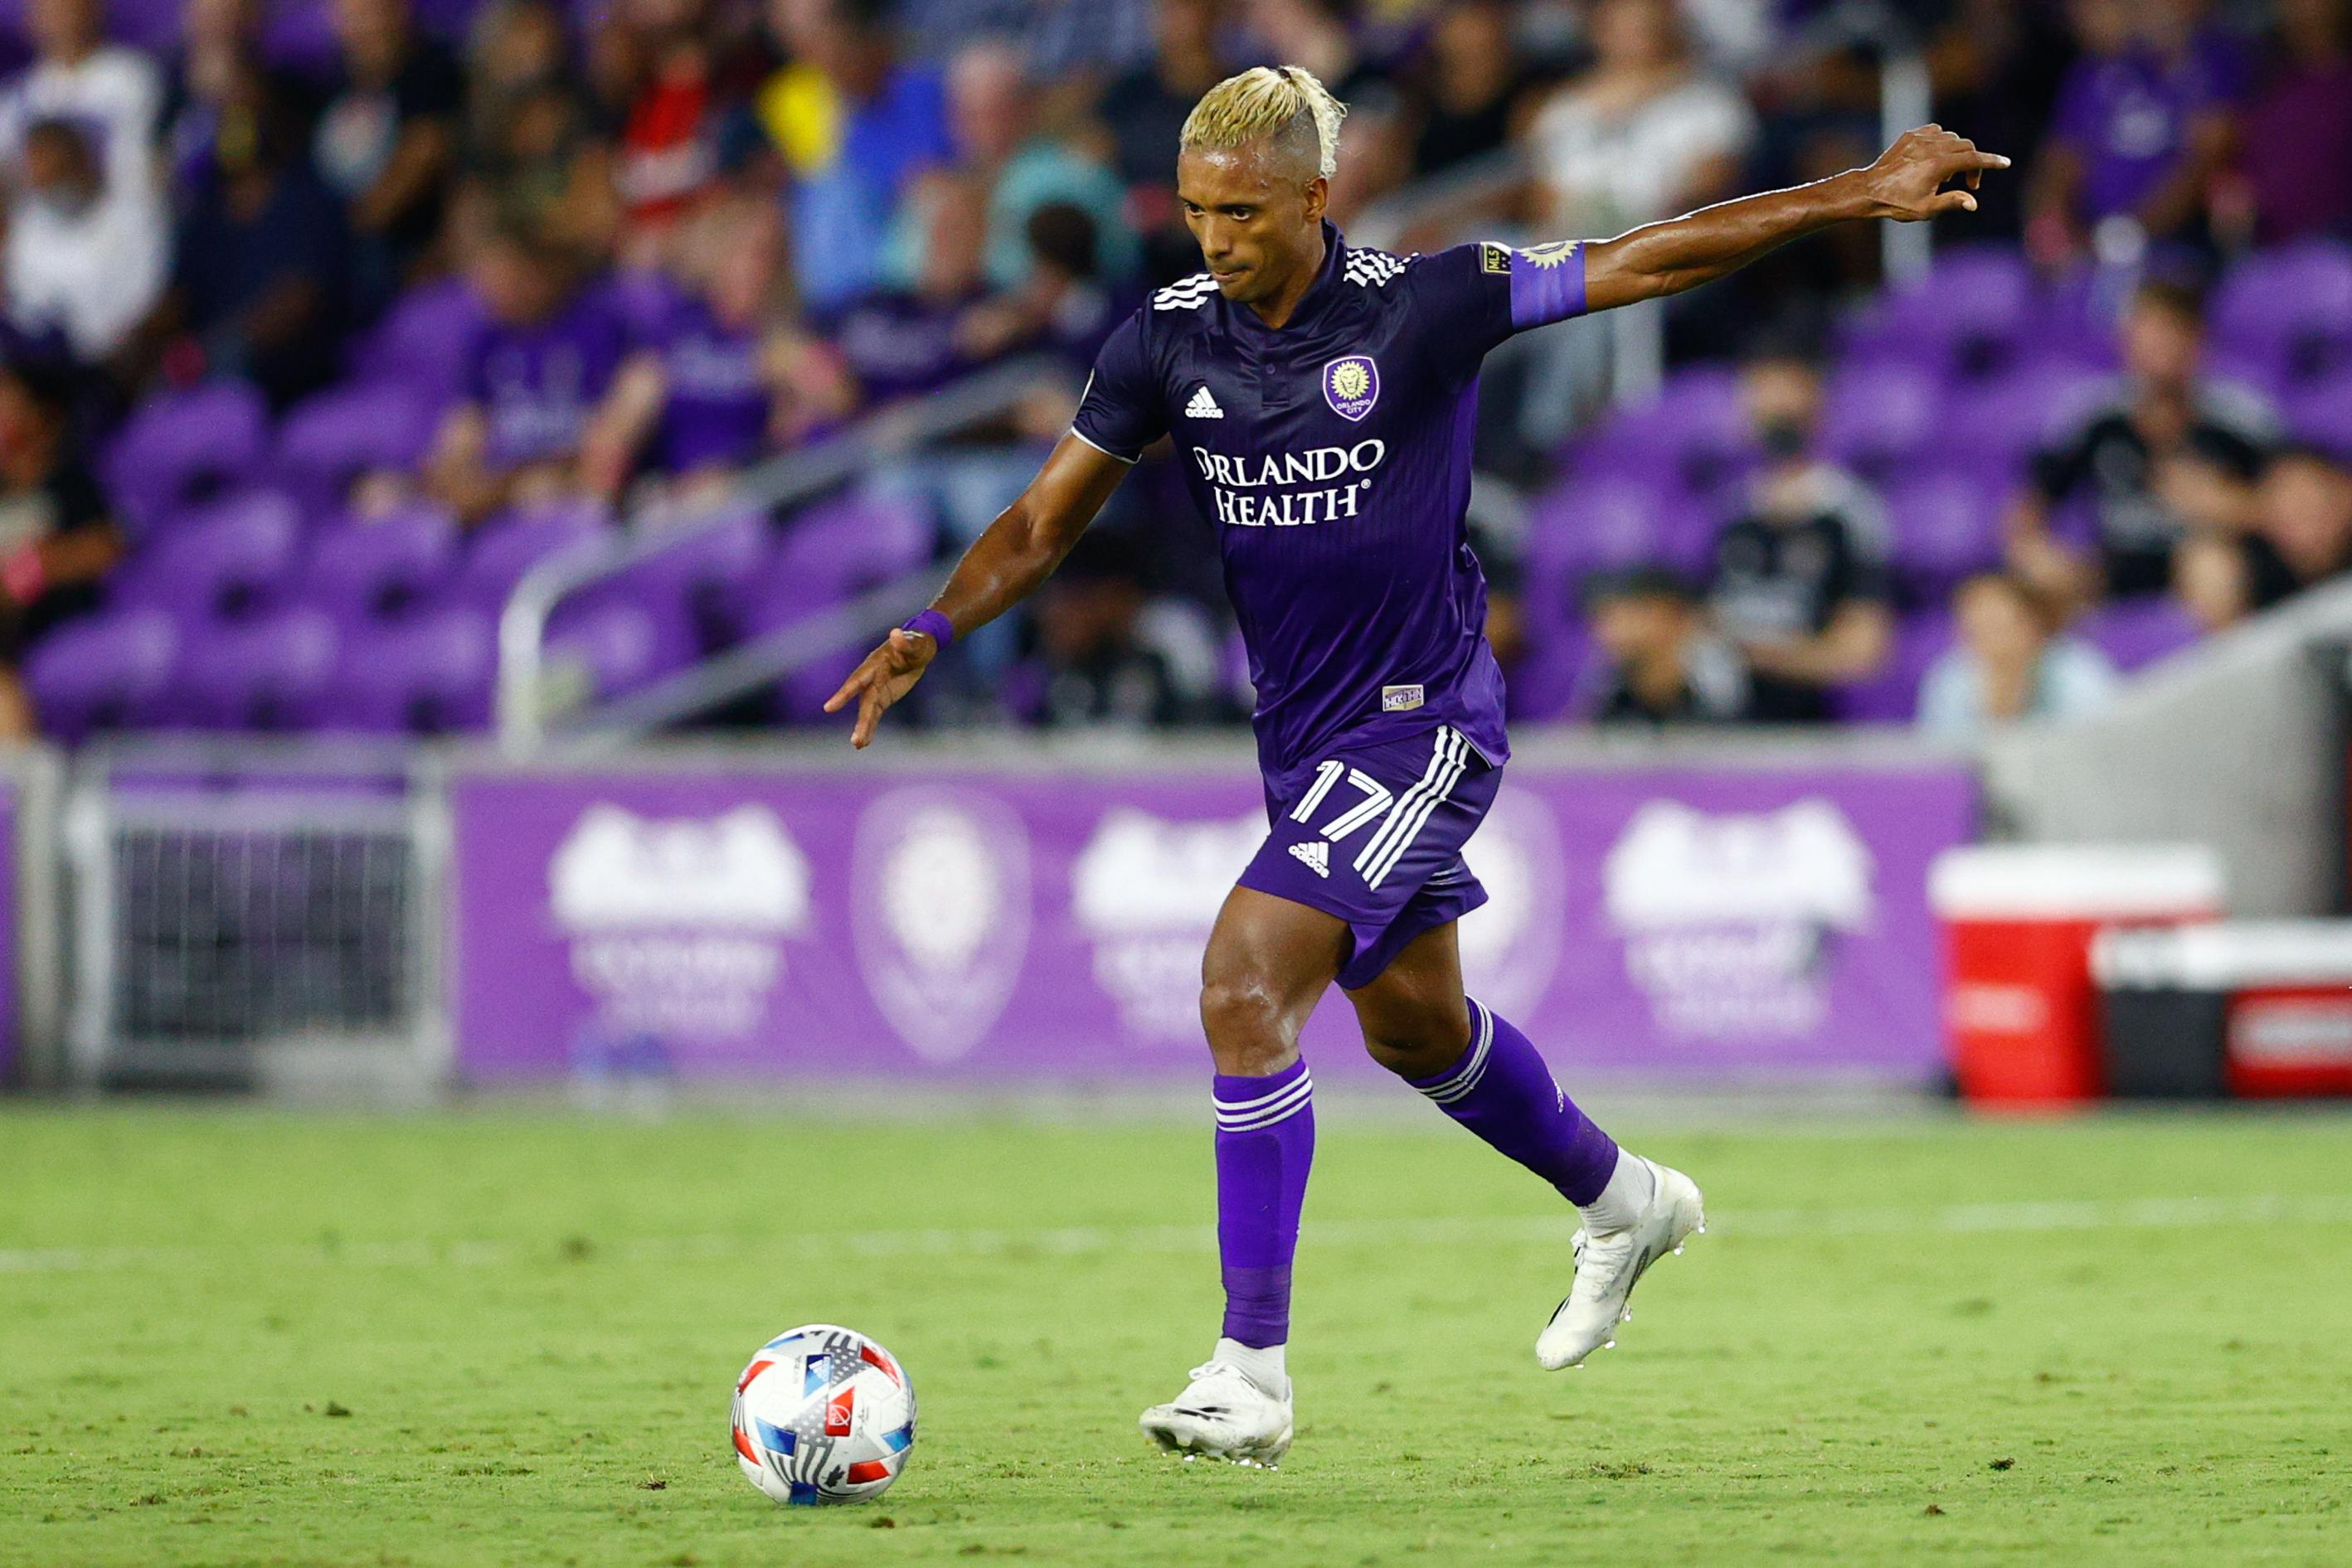 Orlando City SC vs Inter Miami CF Prediction, 8/4/2021 MLS Soccer Pick, Tips and Odds